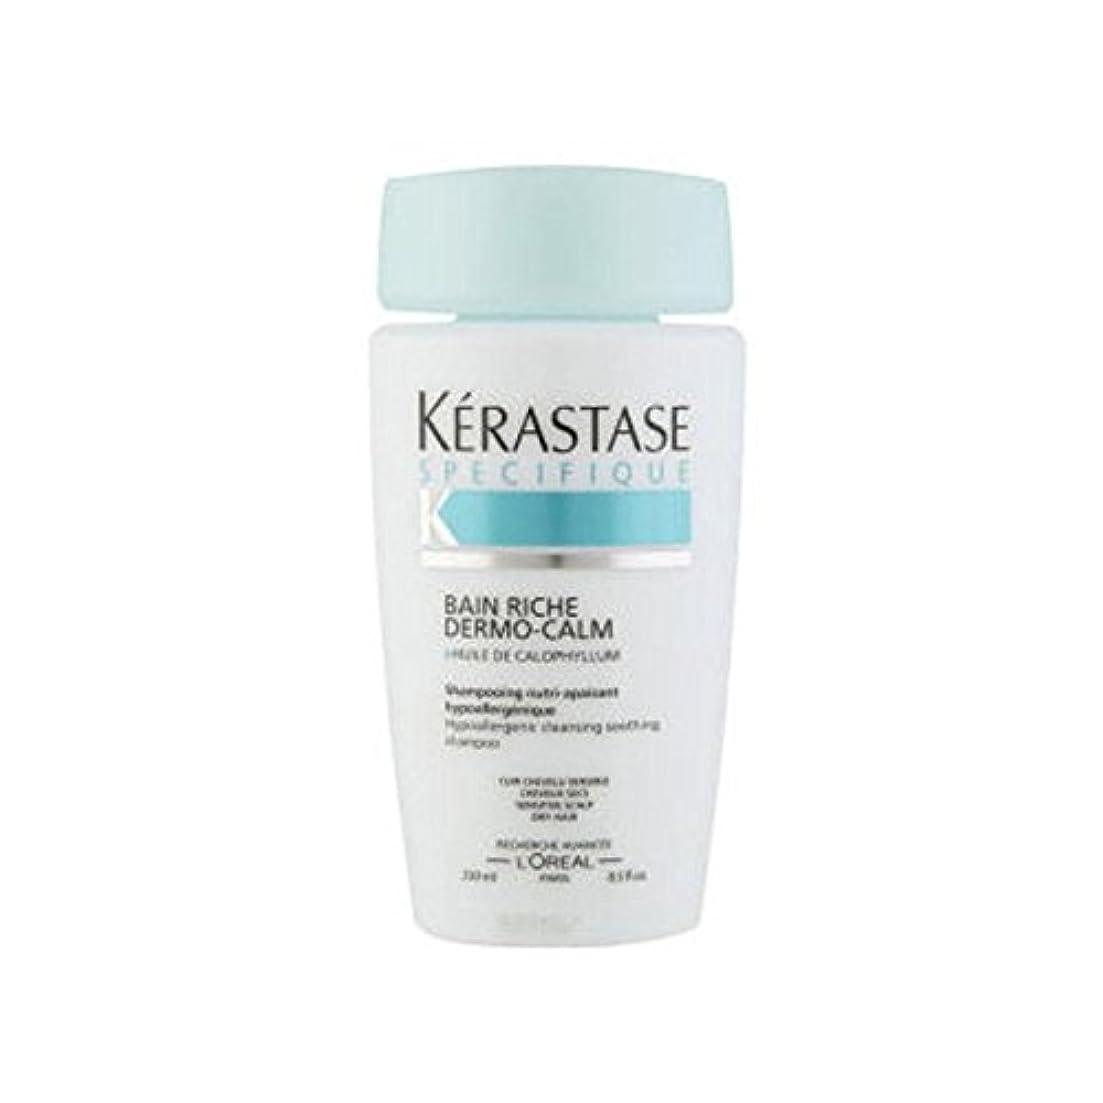 媒染剤サポートスナックK?rastase Specifique Dermo-Calm Bain Riche (250ml) (Pack of 6) - ケラスターゼスペシフィック皮膚 - 穏やかベインリッシュ(250ミリリットル) x6 [並行輸入品]